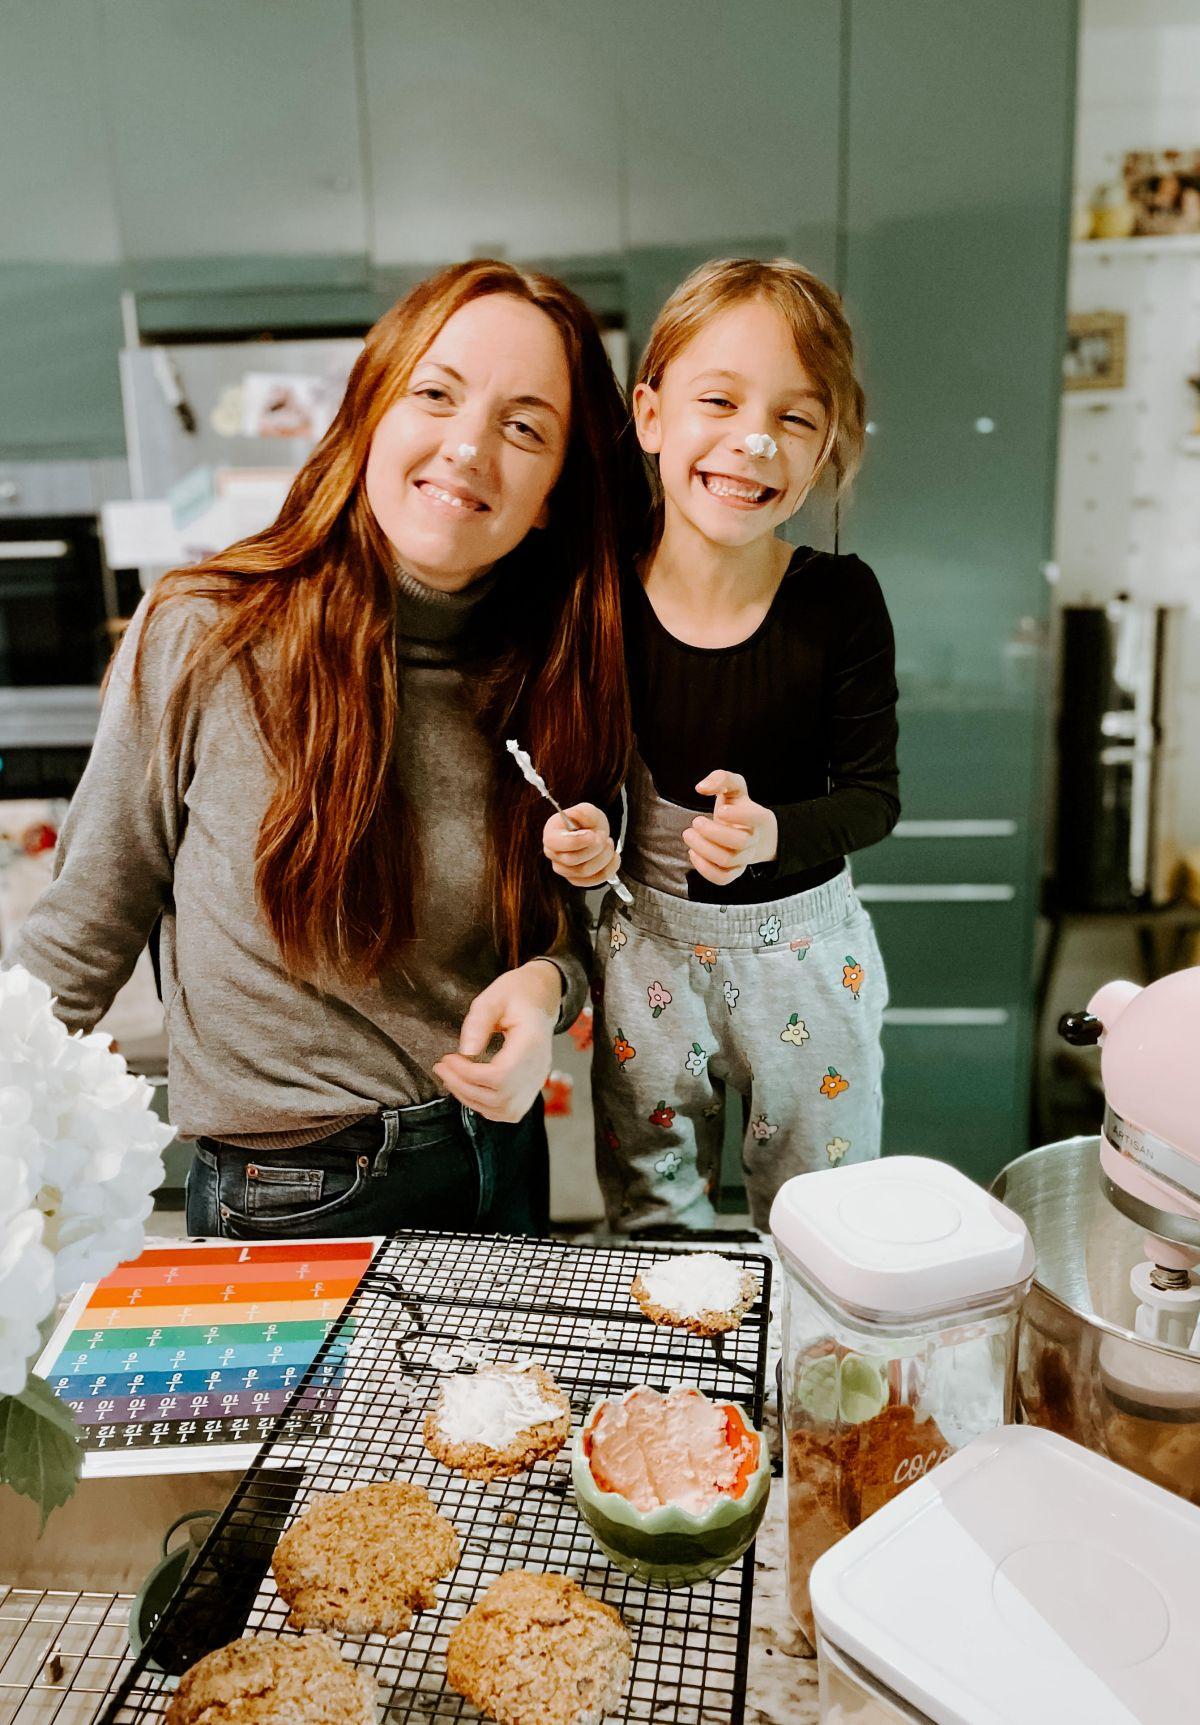 grain-free baking for kids